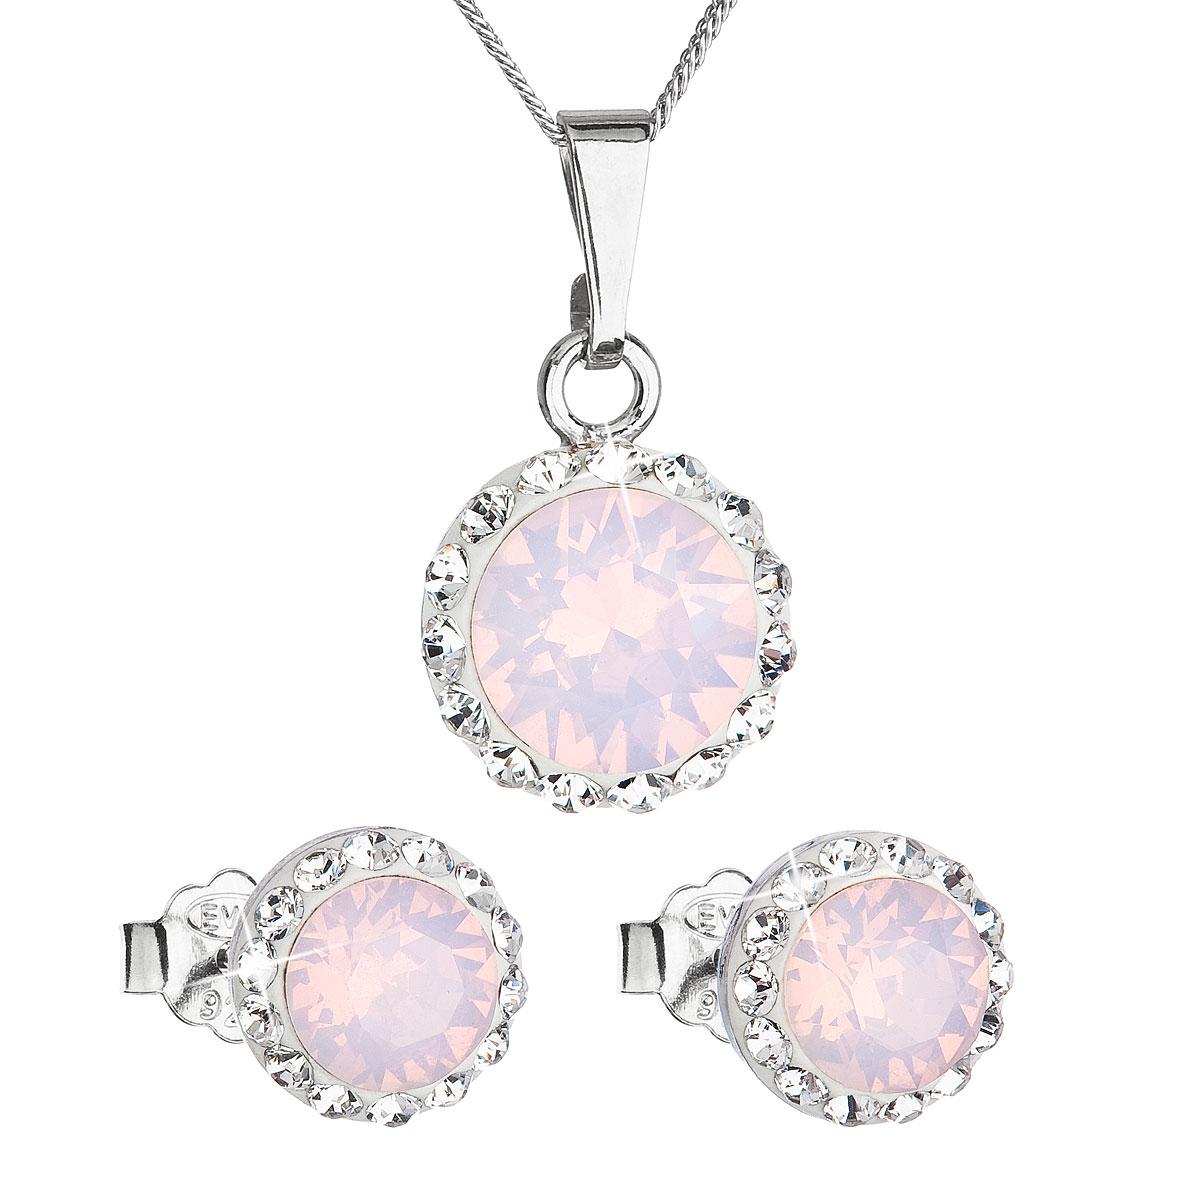 c08ffda56 Evolution Group Sada šperků s krystaly Swarovski náušnice a přívěšek růžové  opálové kulaté 39152.7, dárkové